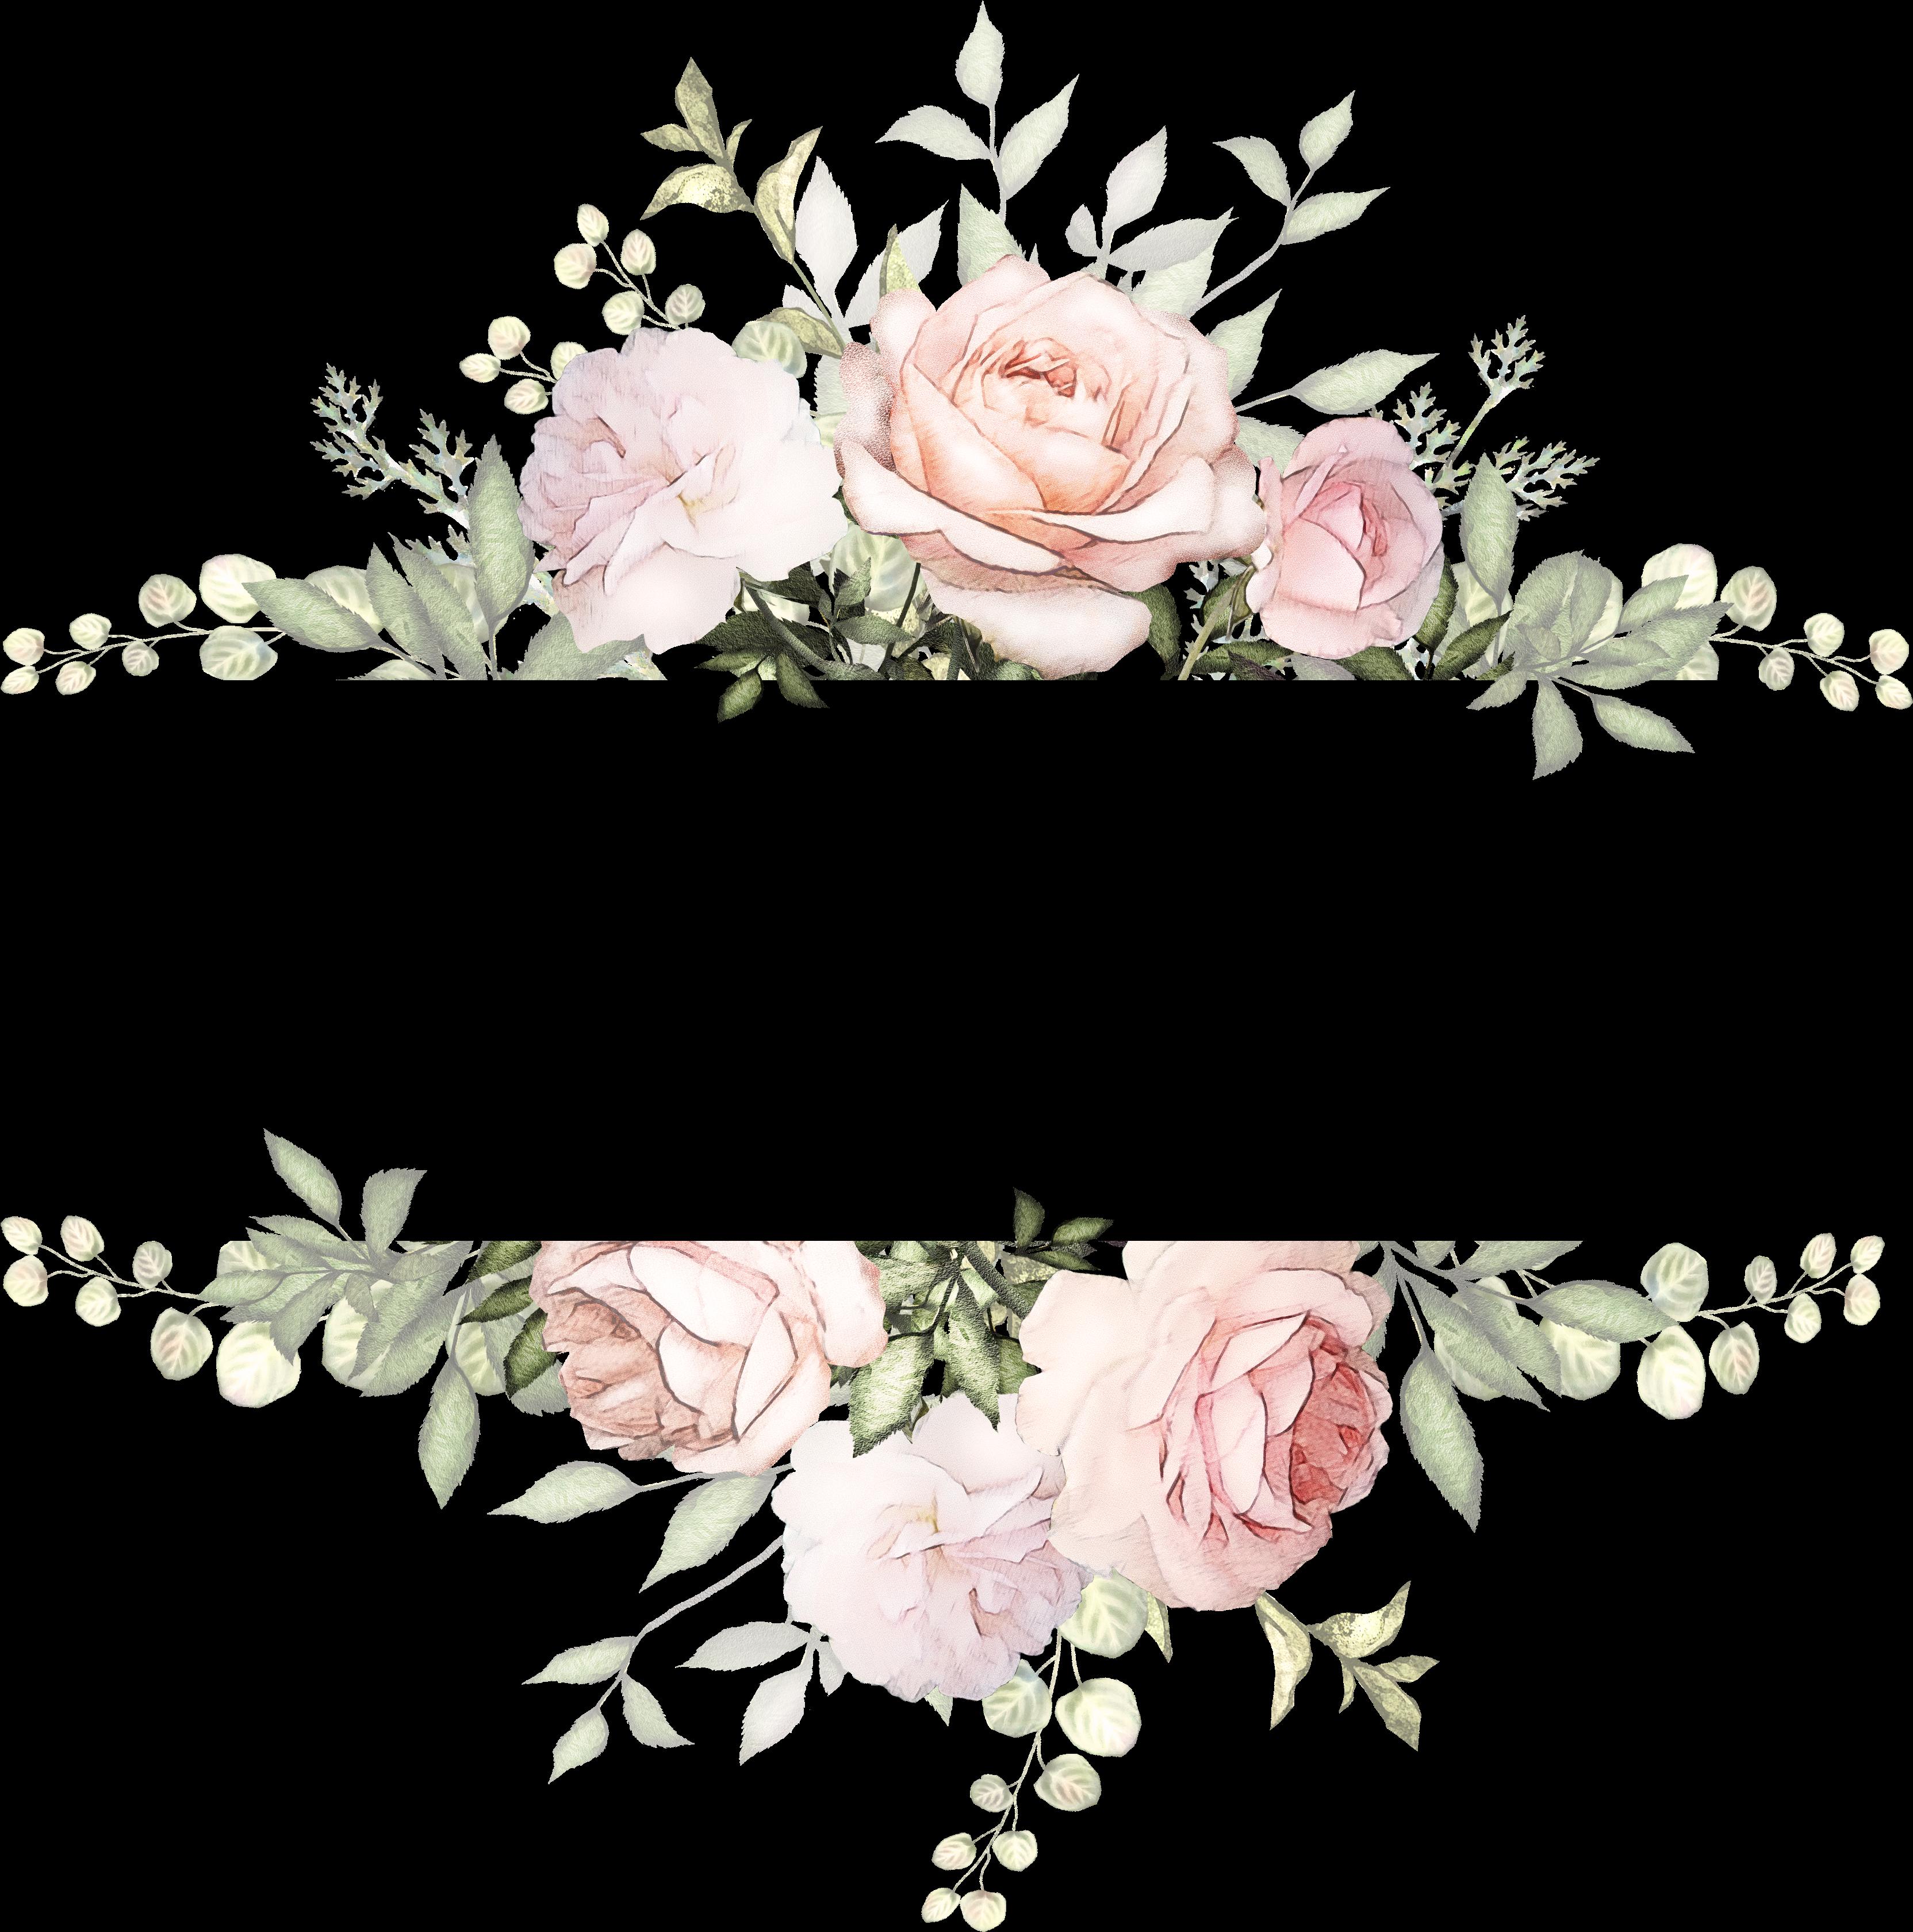 Transparent watercolor flowers clipart png - Vintage Watercolor Flowers Background , Png Download - Transparent Background Flower Wreath